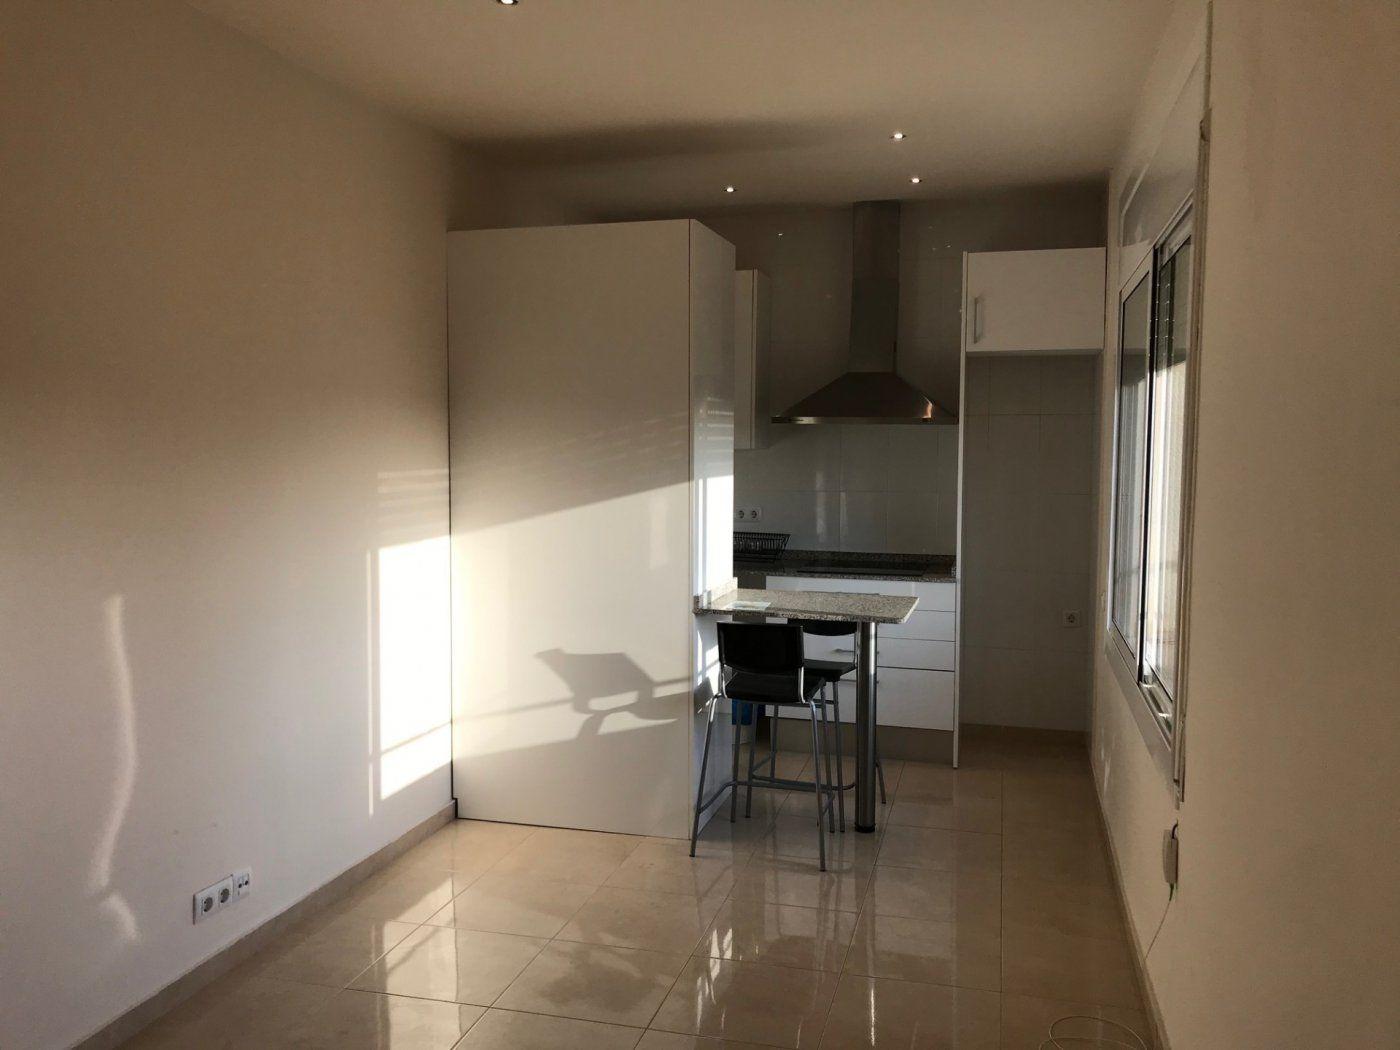 (Español) Luminoso piso con vistas panorámicas en la Rambla.